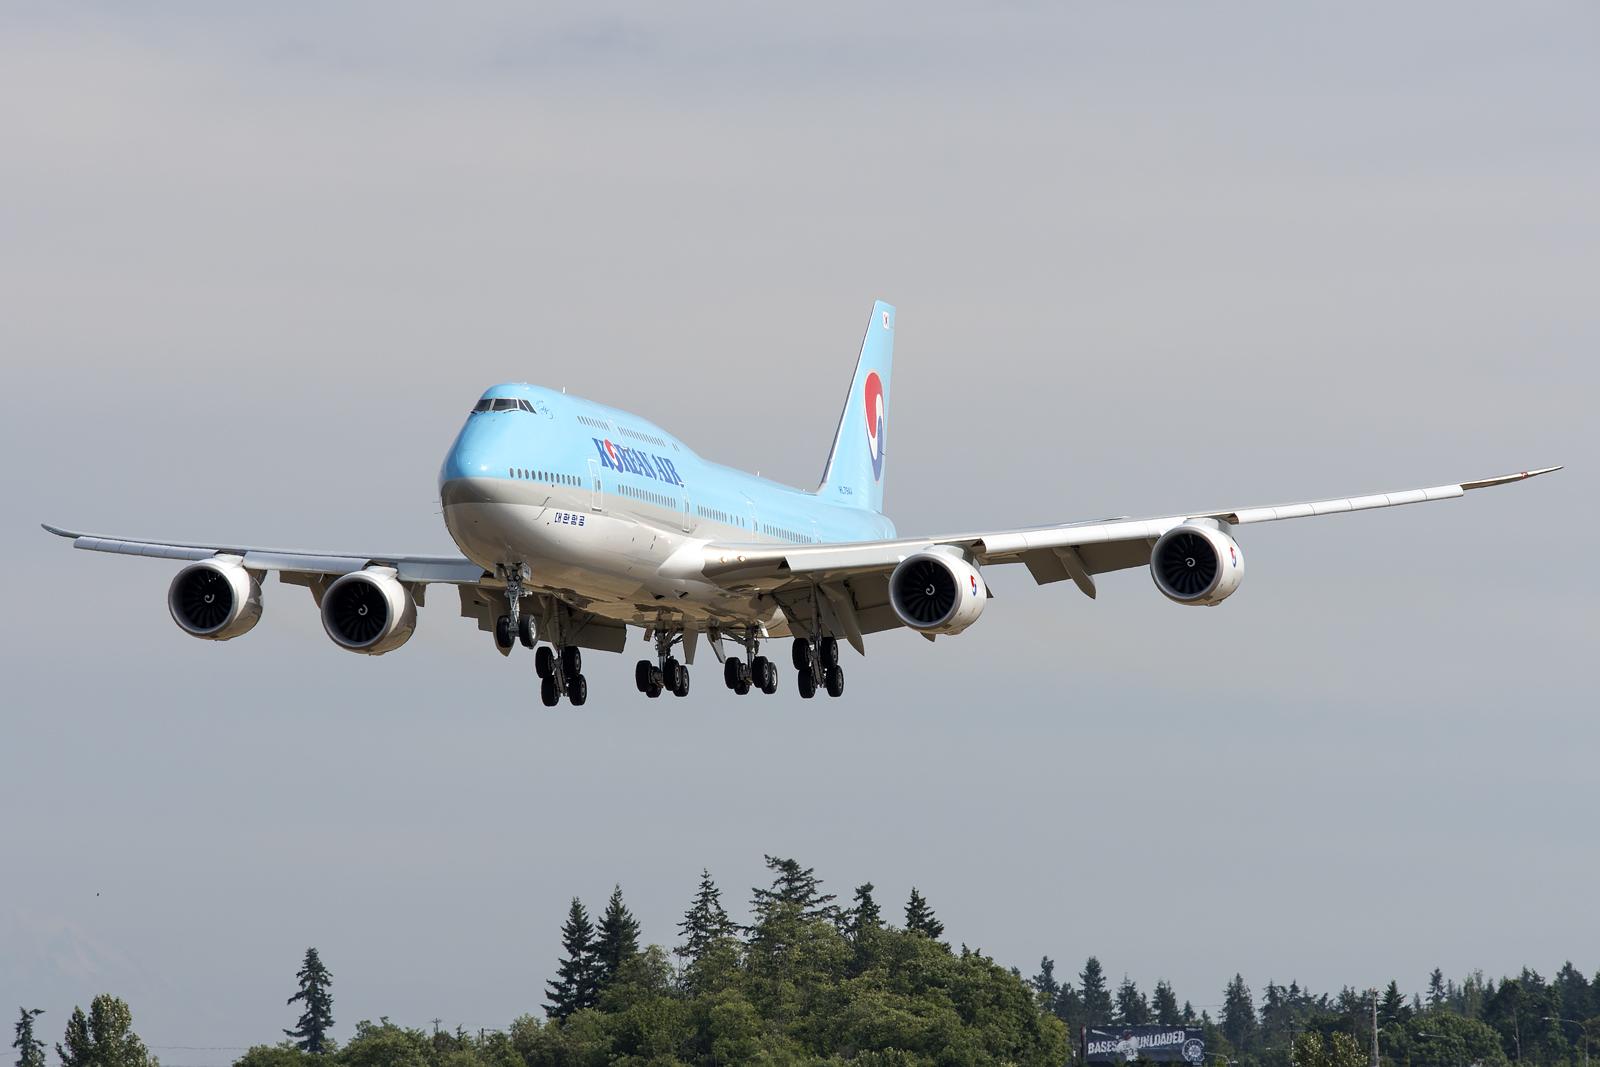 İnternette açık arttırmayla 2 uçak satıldı